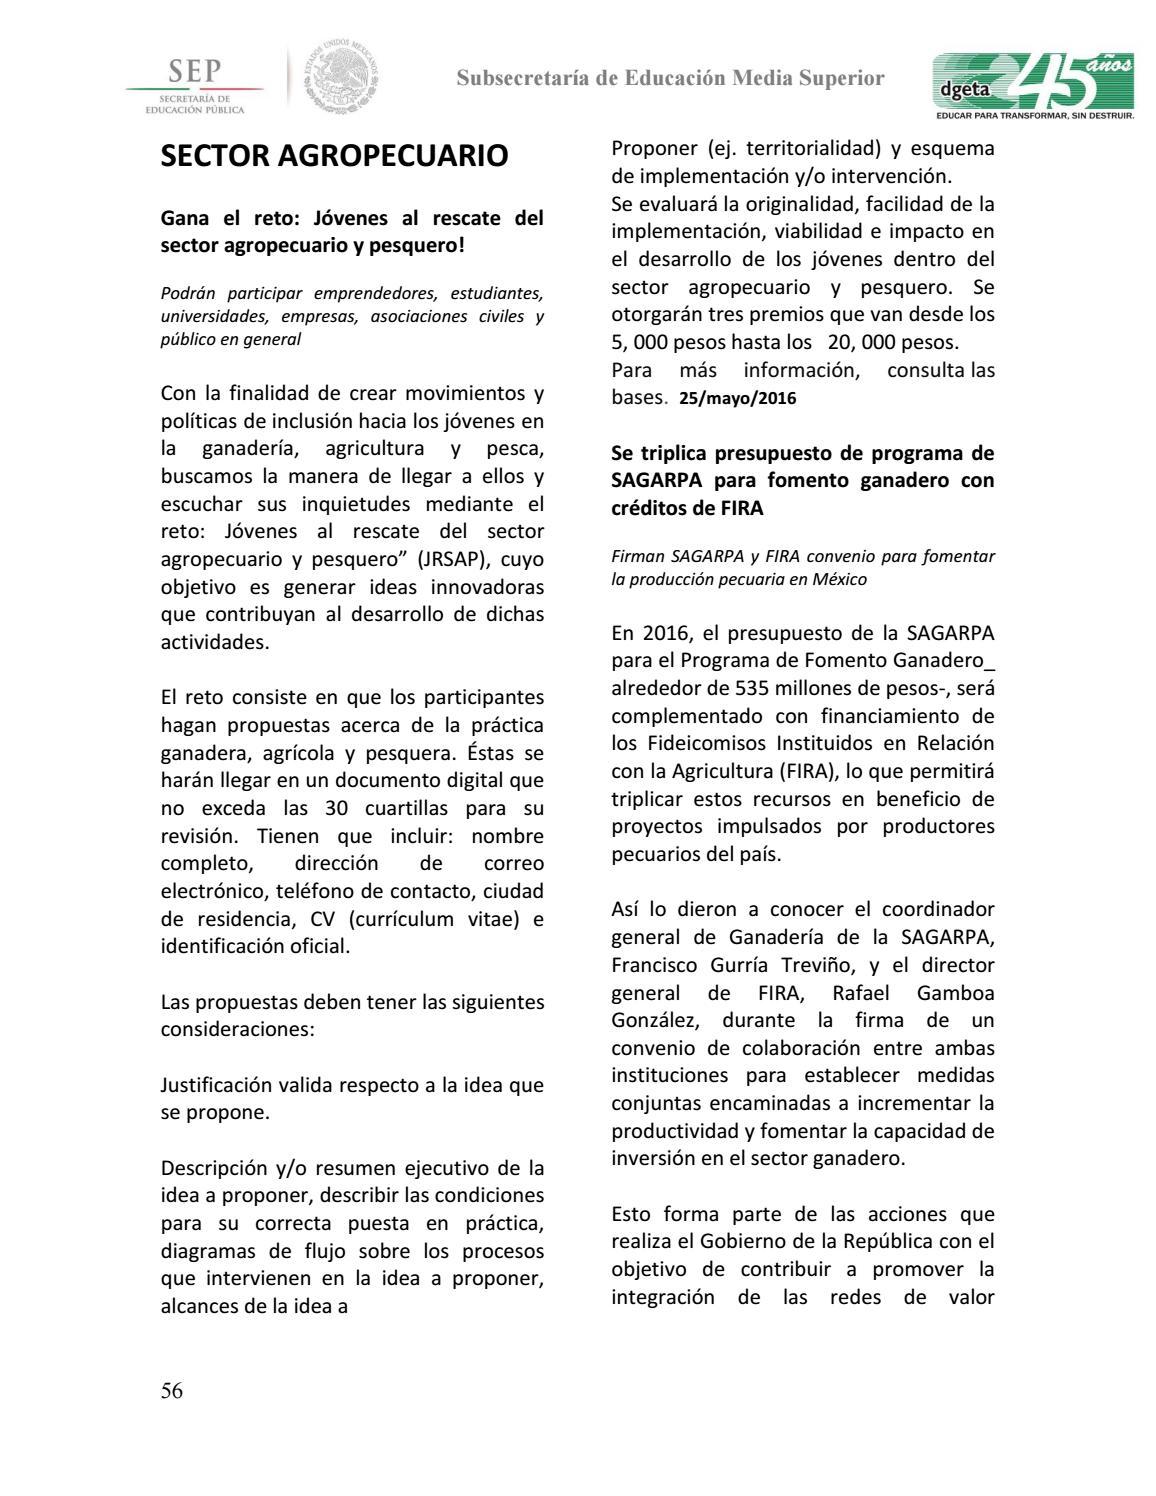 Famous Curriculum Resumen Ejecutivo Images - Examples Professional ...